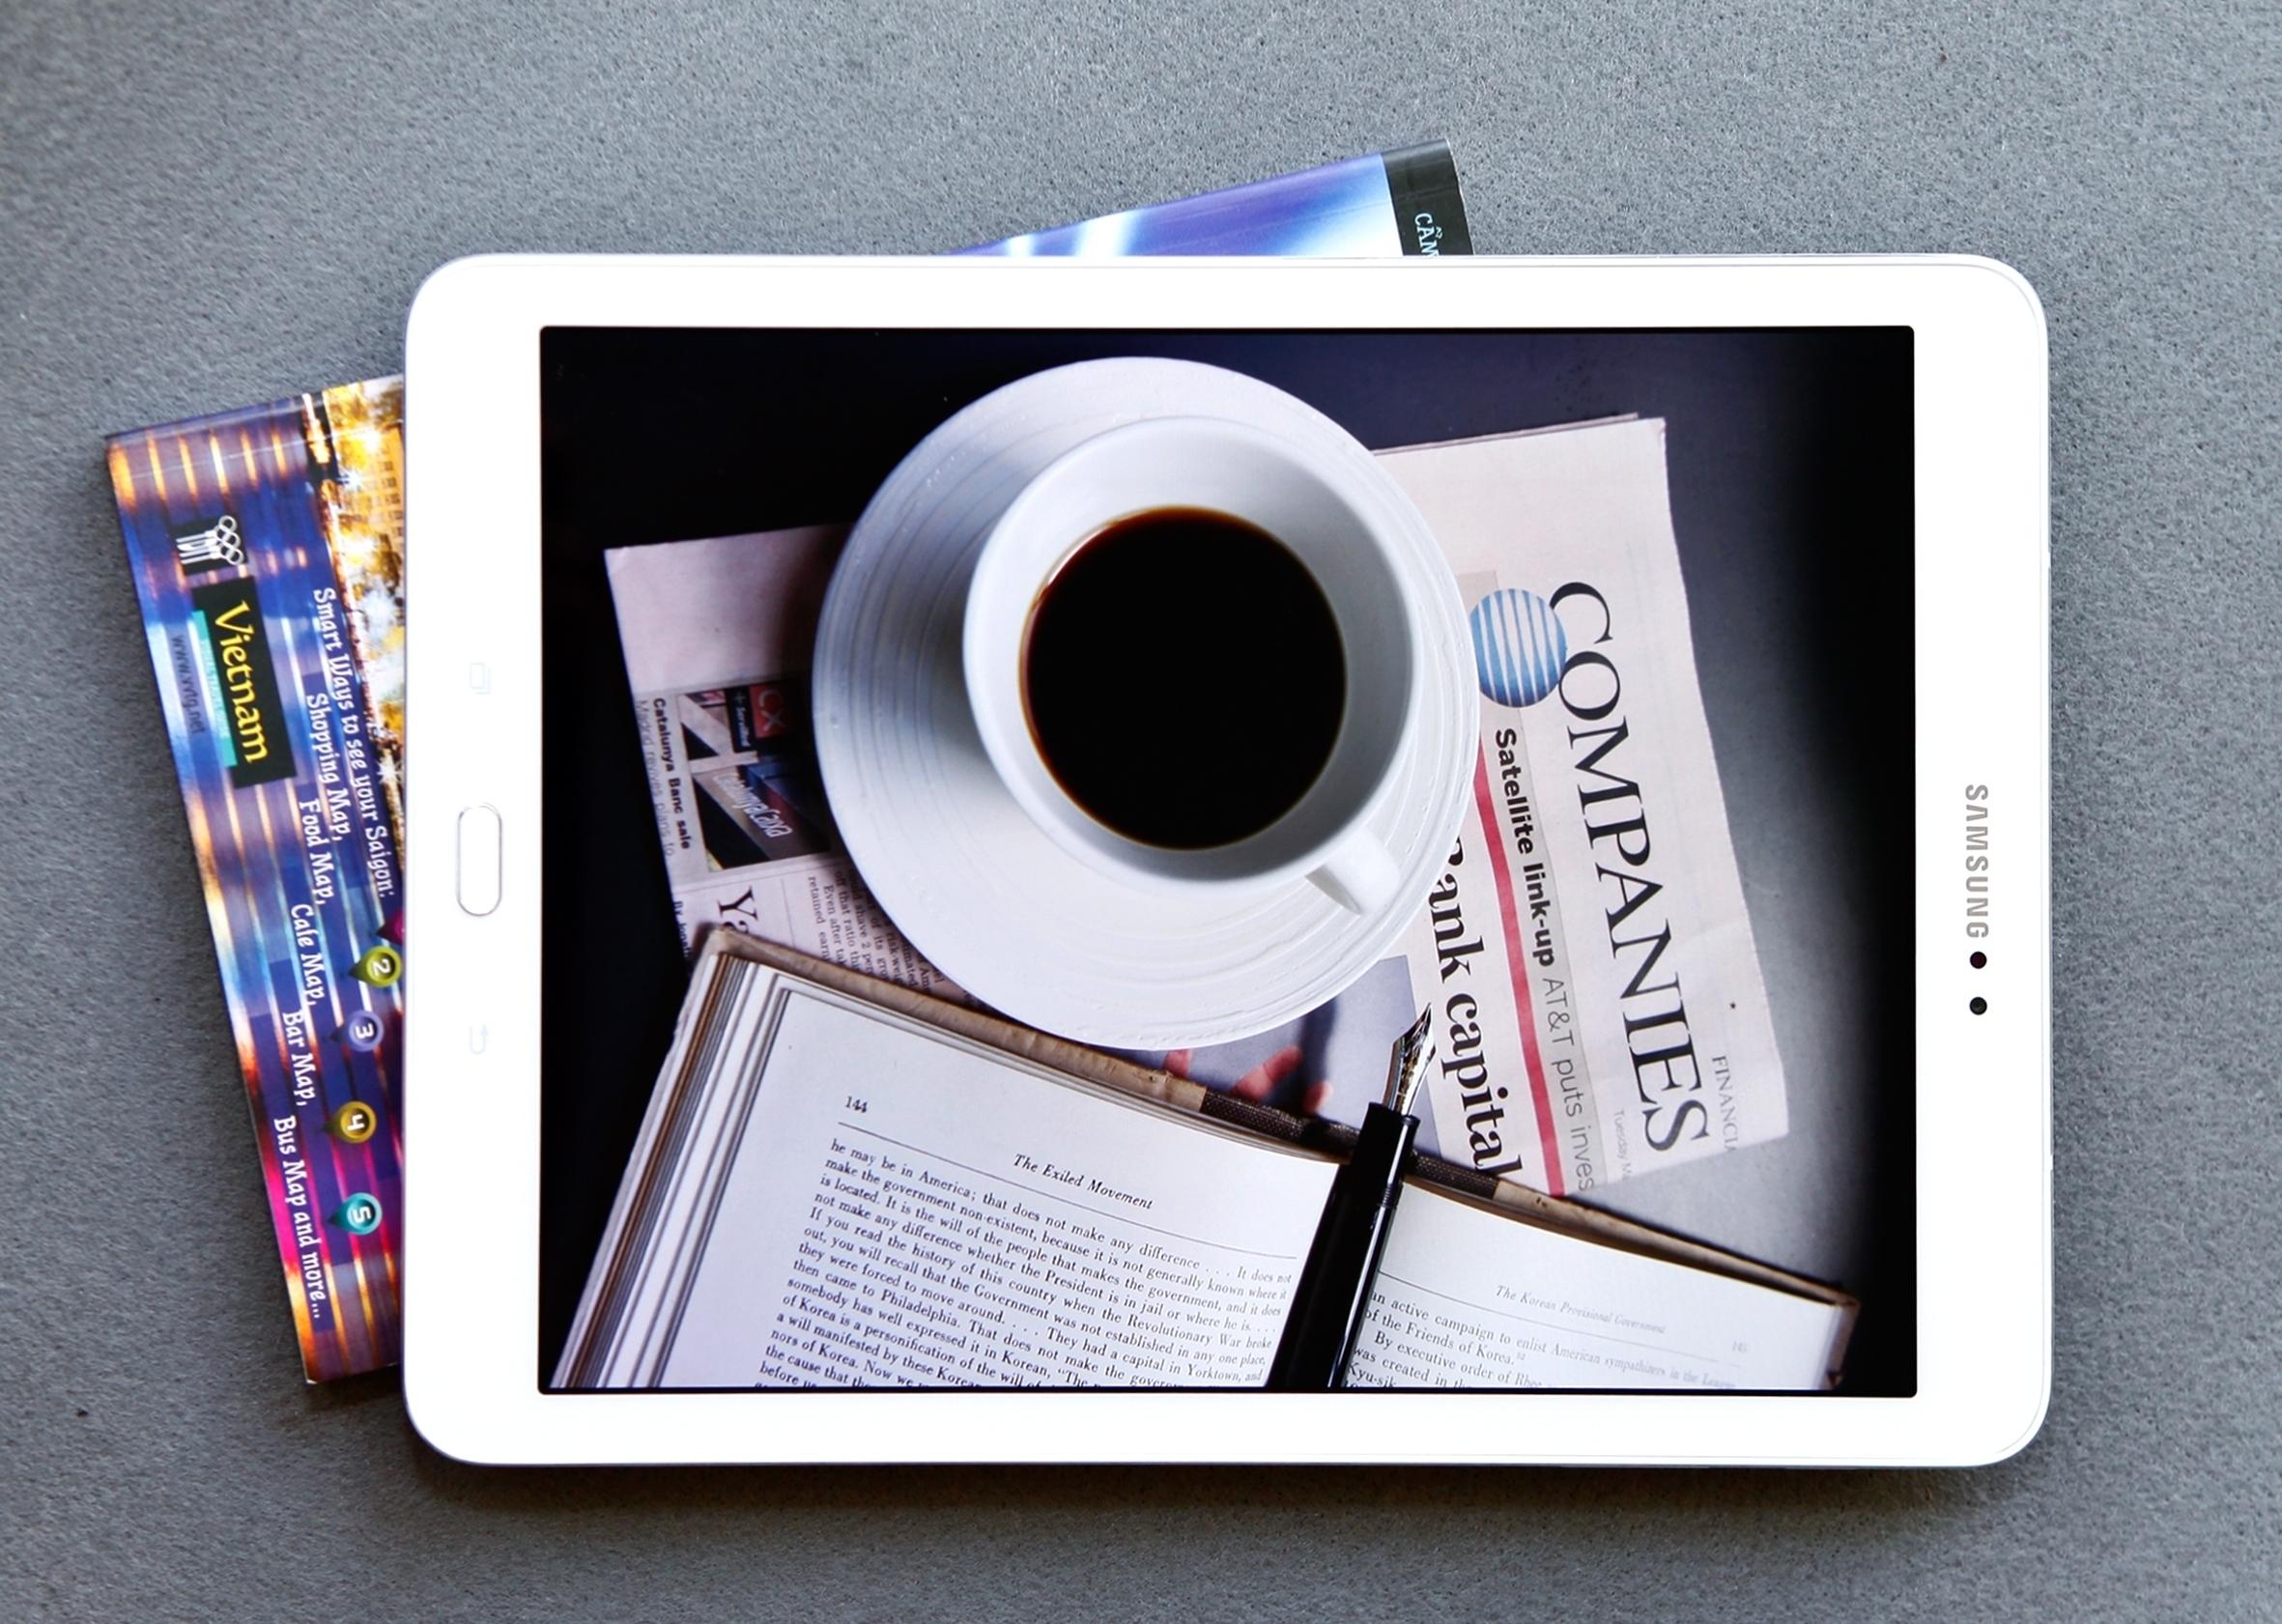 Galaxy Tab S2 hỗ trợ tối ưu cho công việc